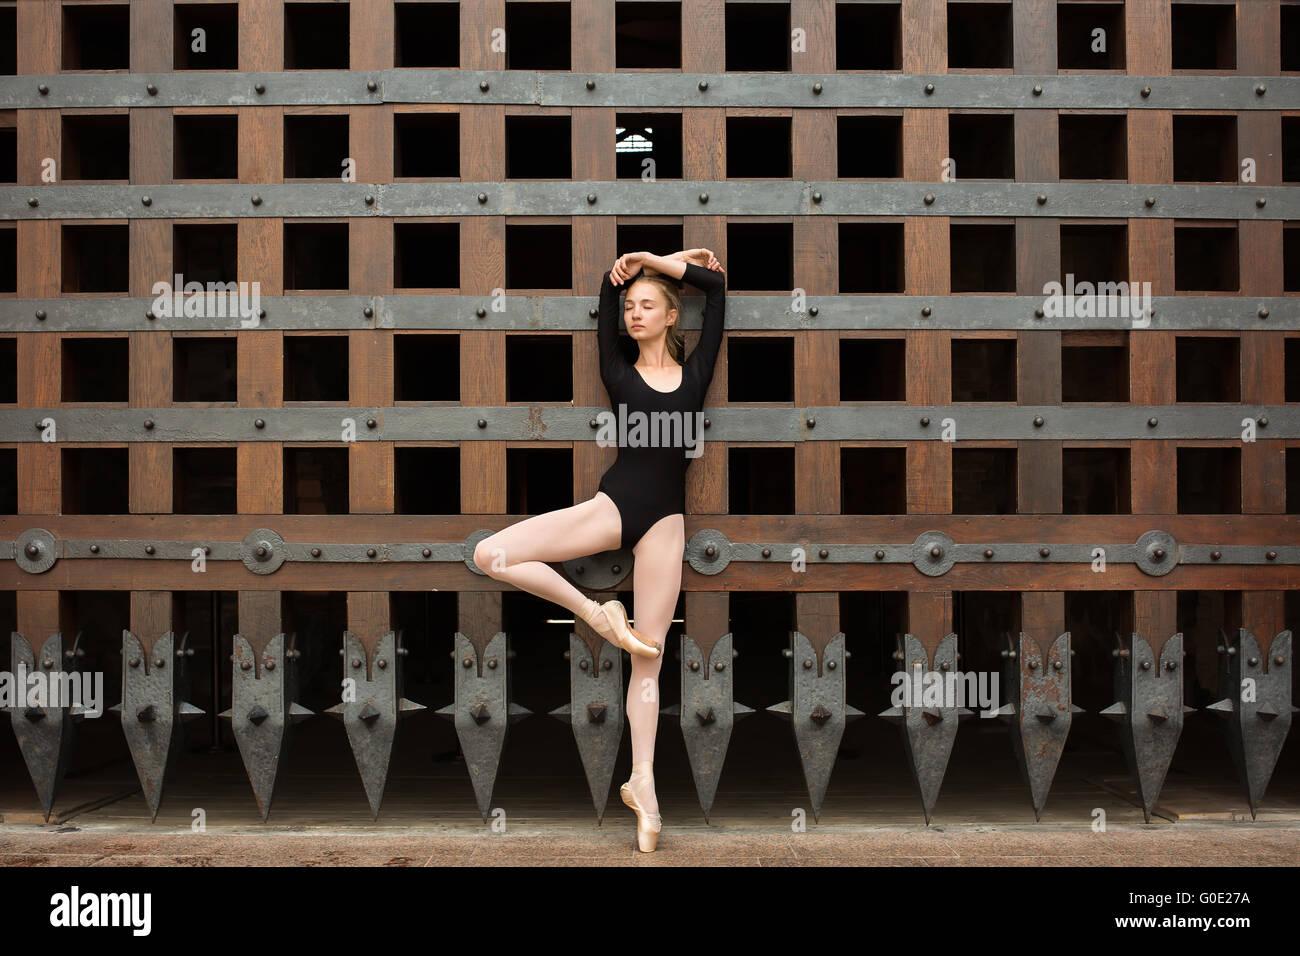 Bailarín estilizado está parado en una pierna, cerca de la antigua puerta Imagen De Stock